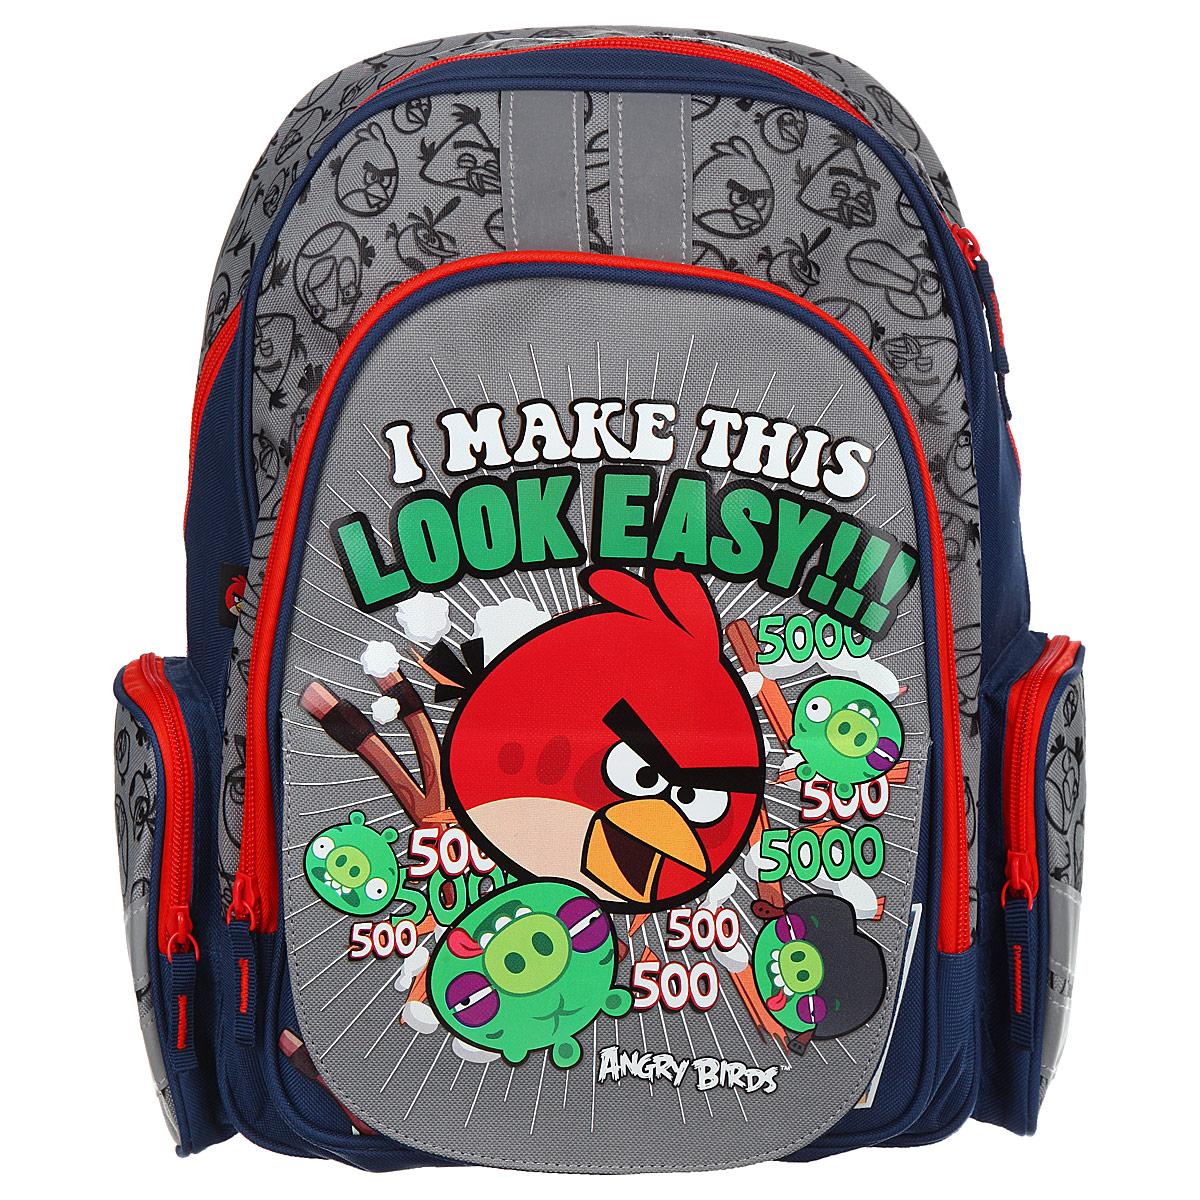 Рюкзак детский Академия Групп Angry Birds, цвет: серый, синий, красный. ABBB-UT1-836M72523WDРюкзак детский Академия Групп Angry Birds выполнен из высококачественного полиэстера. Имеет одно объемное основное отделение на застежке-молнии. Основное отделение содержит три небольших накладных кармана, два открытых, один на молнии. Снаружи располагается внешний карман с изображением героев популярной игры Angry Birds. Перекидная магнитная панель позволяет легко менять внешний вид рюкзака. По бокам рюкзака имеются два сетчатых кармана на молнии. Множество карманов повышает функциональность рюкзака и позволяет использовать его не только для учебы, но и для занятий спортом, поездок за город. Широкие мягкие регулируемые лямки и мягкая спинка анатомической формы предохранят плечи и спину ребенка от перенапряжения. Рюкзак имеет текстильную ручку с резиновым хватом для удобства переноски.